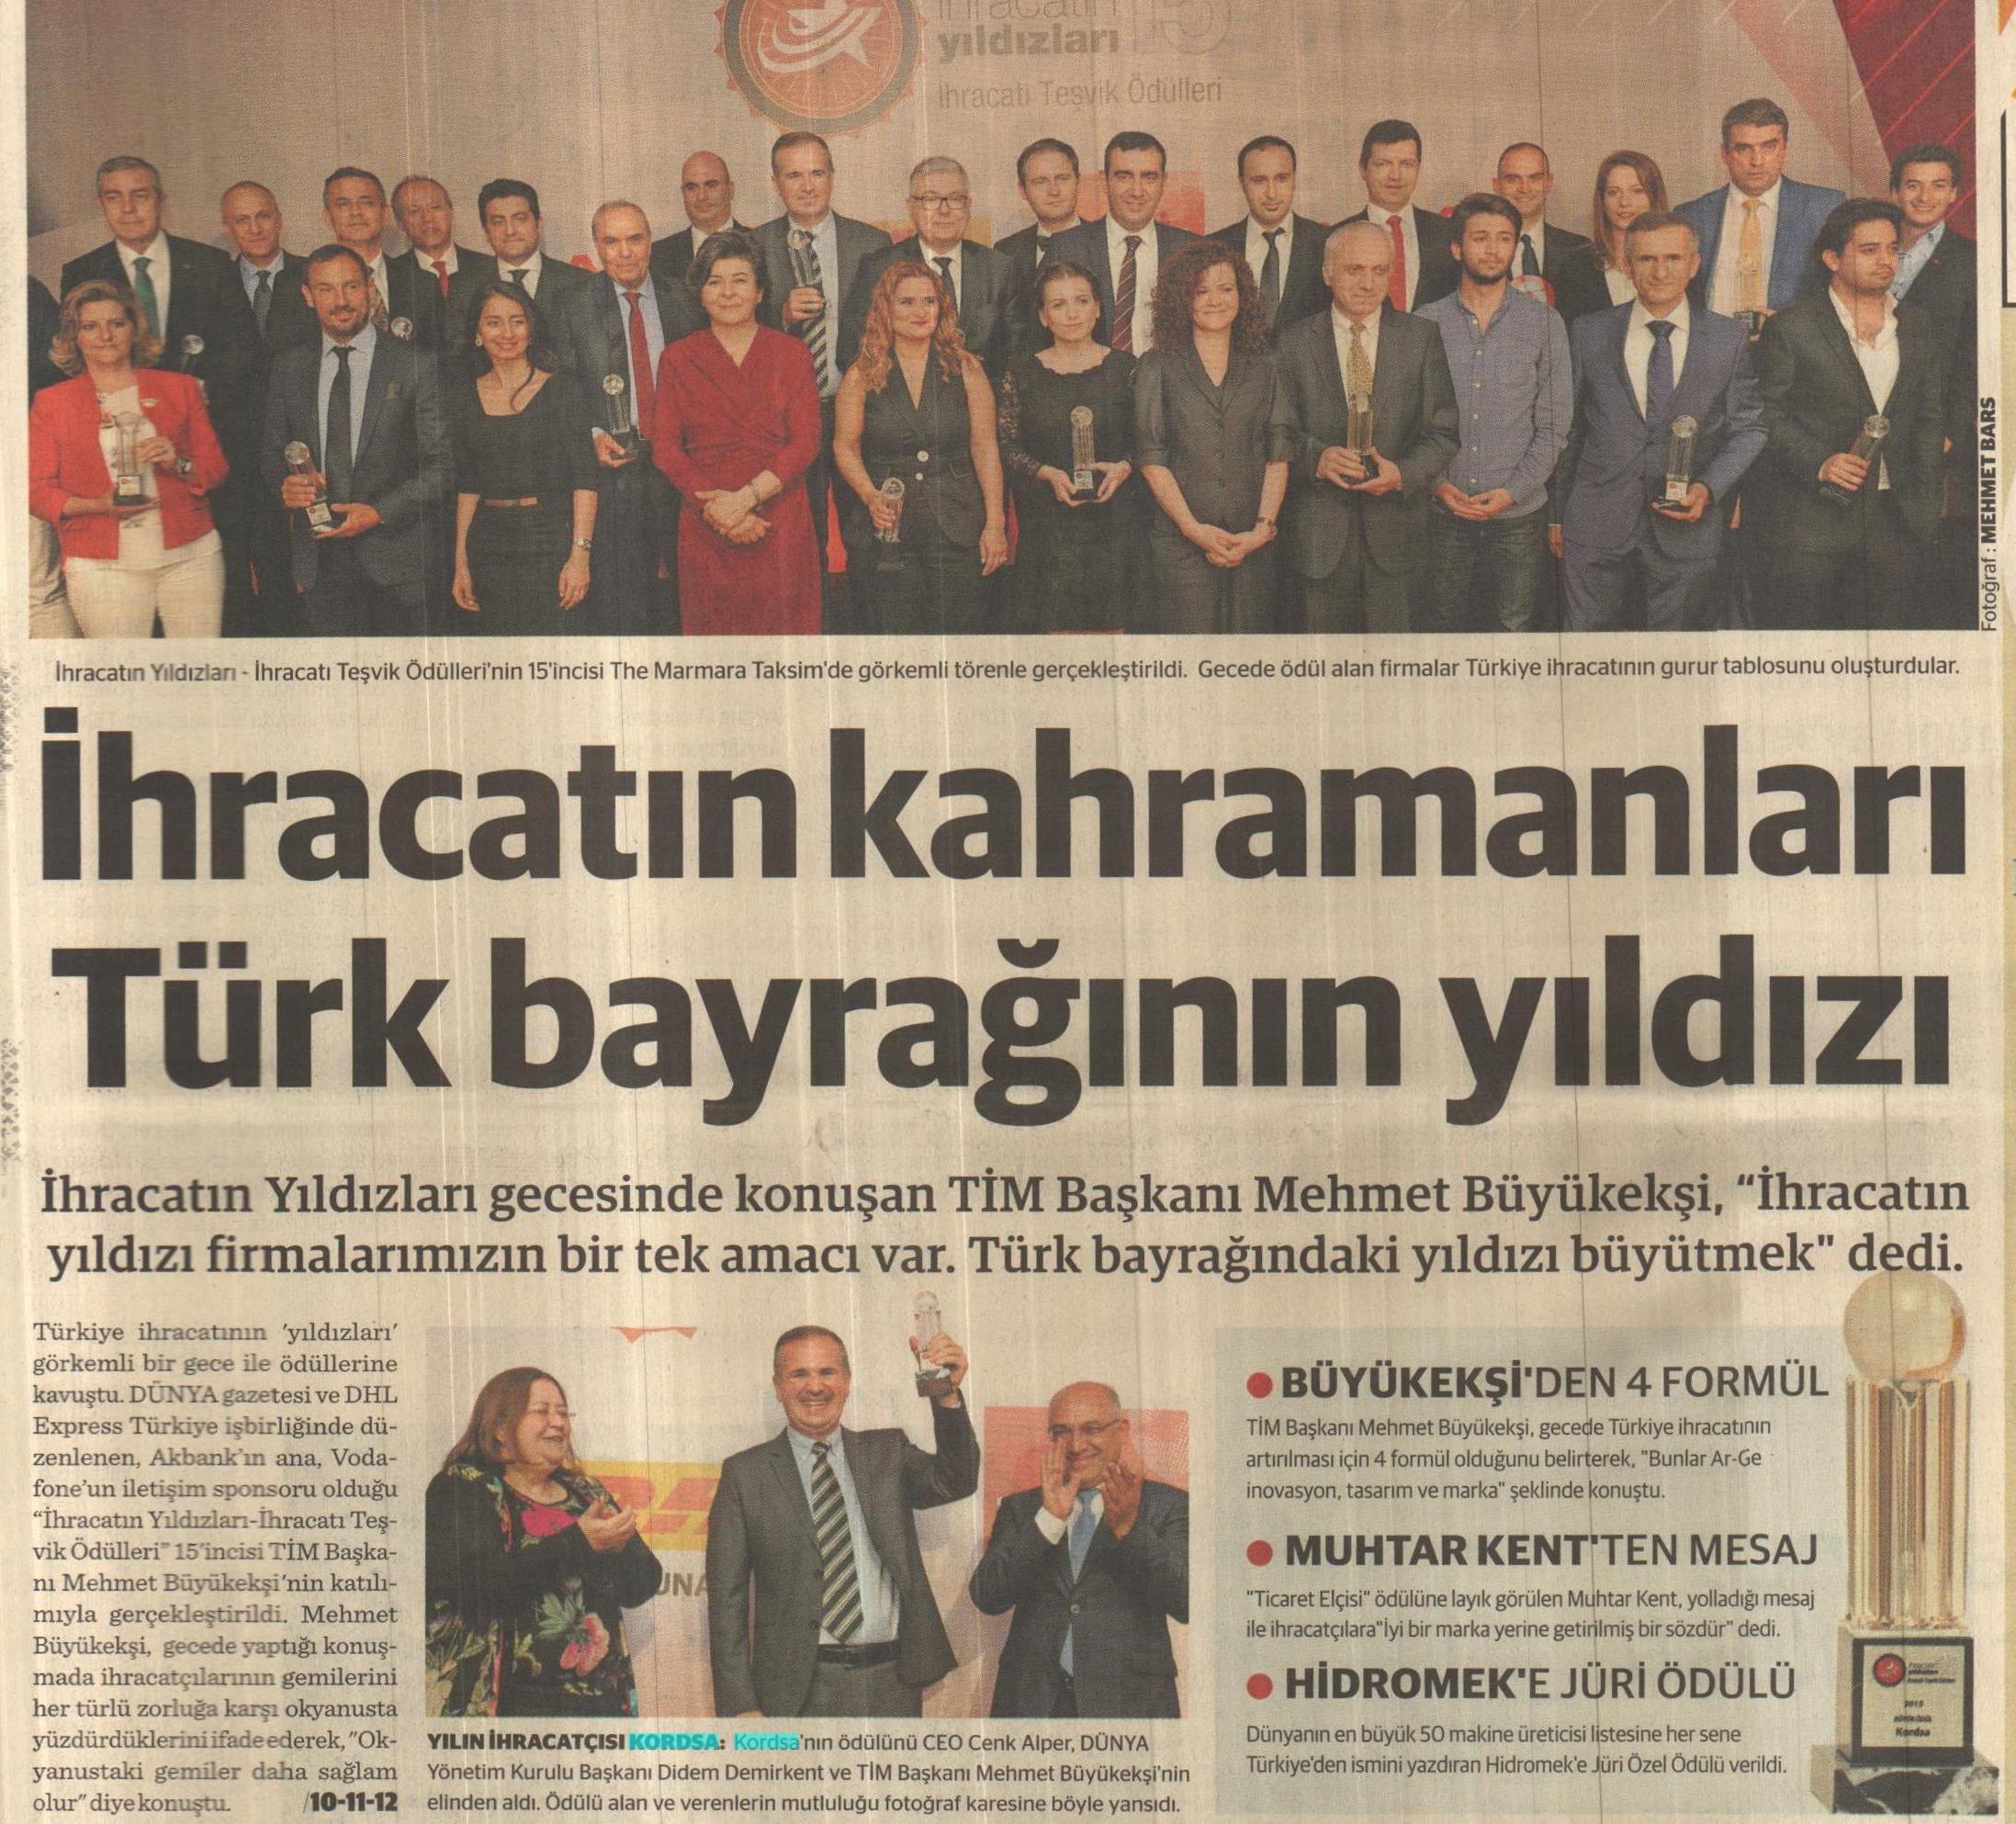 İhracatın Kahramanları Türk Bayrağının Yıldızı